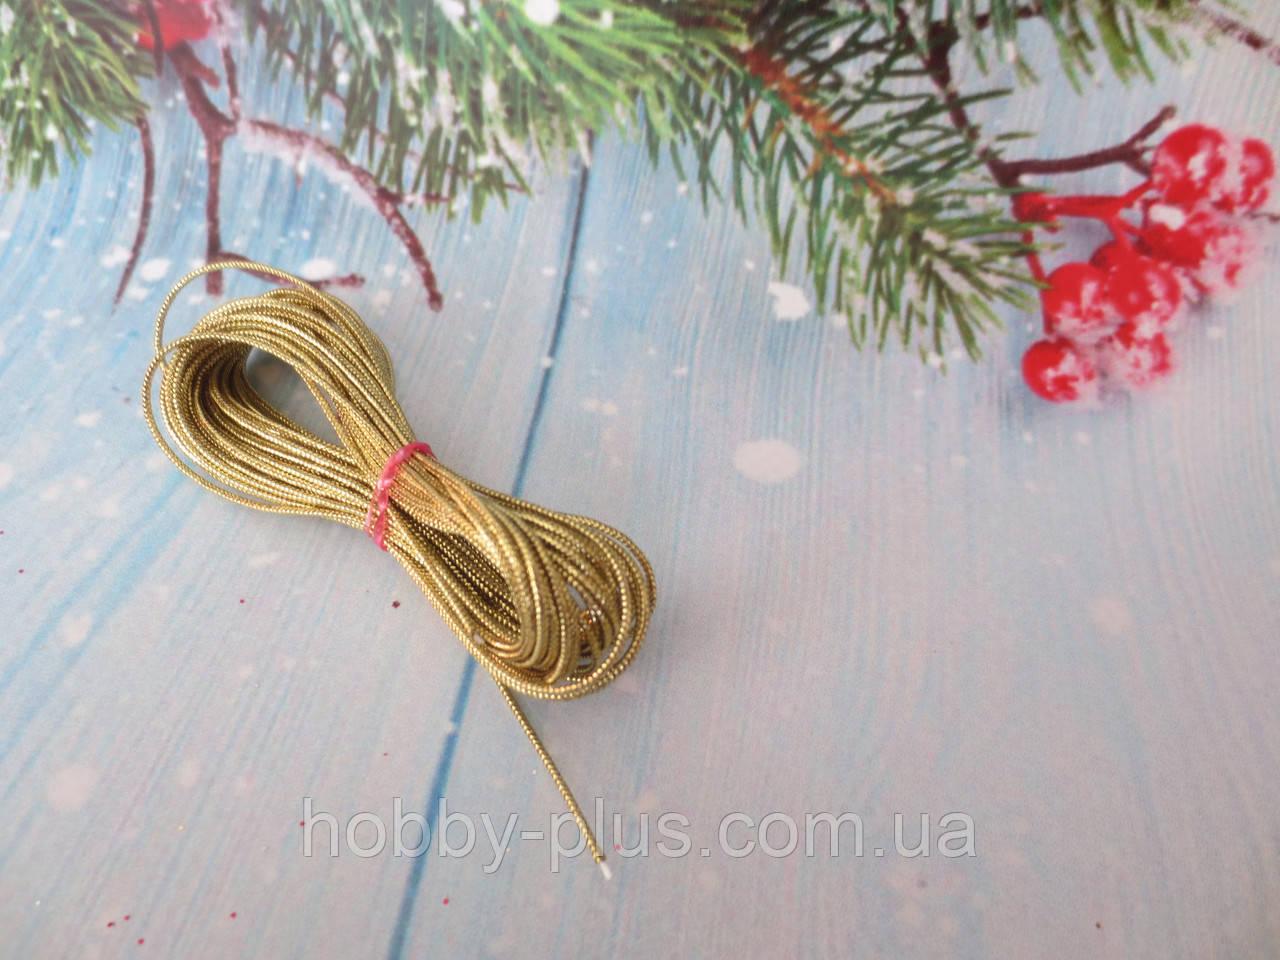 Шнур люрексовый c наполнителем, d 1 мм, цвет золотистый, 5 м